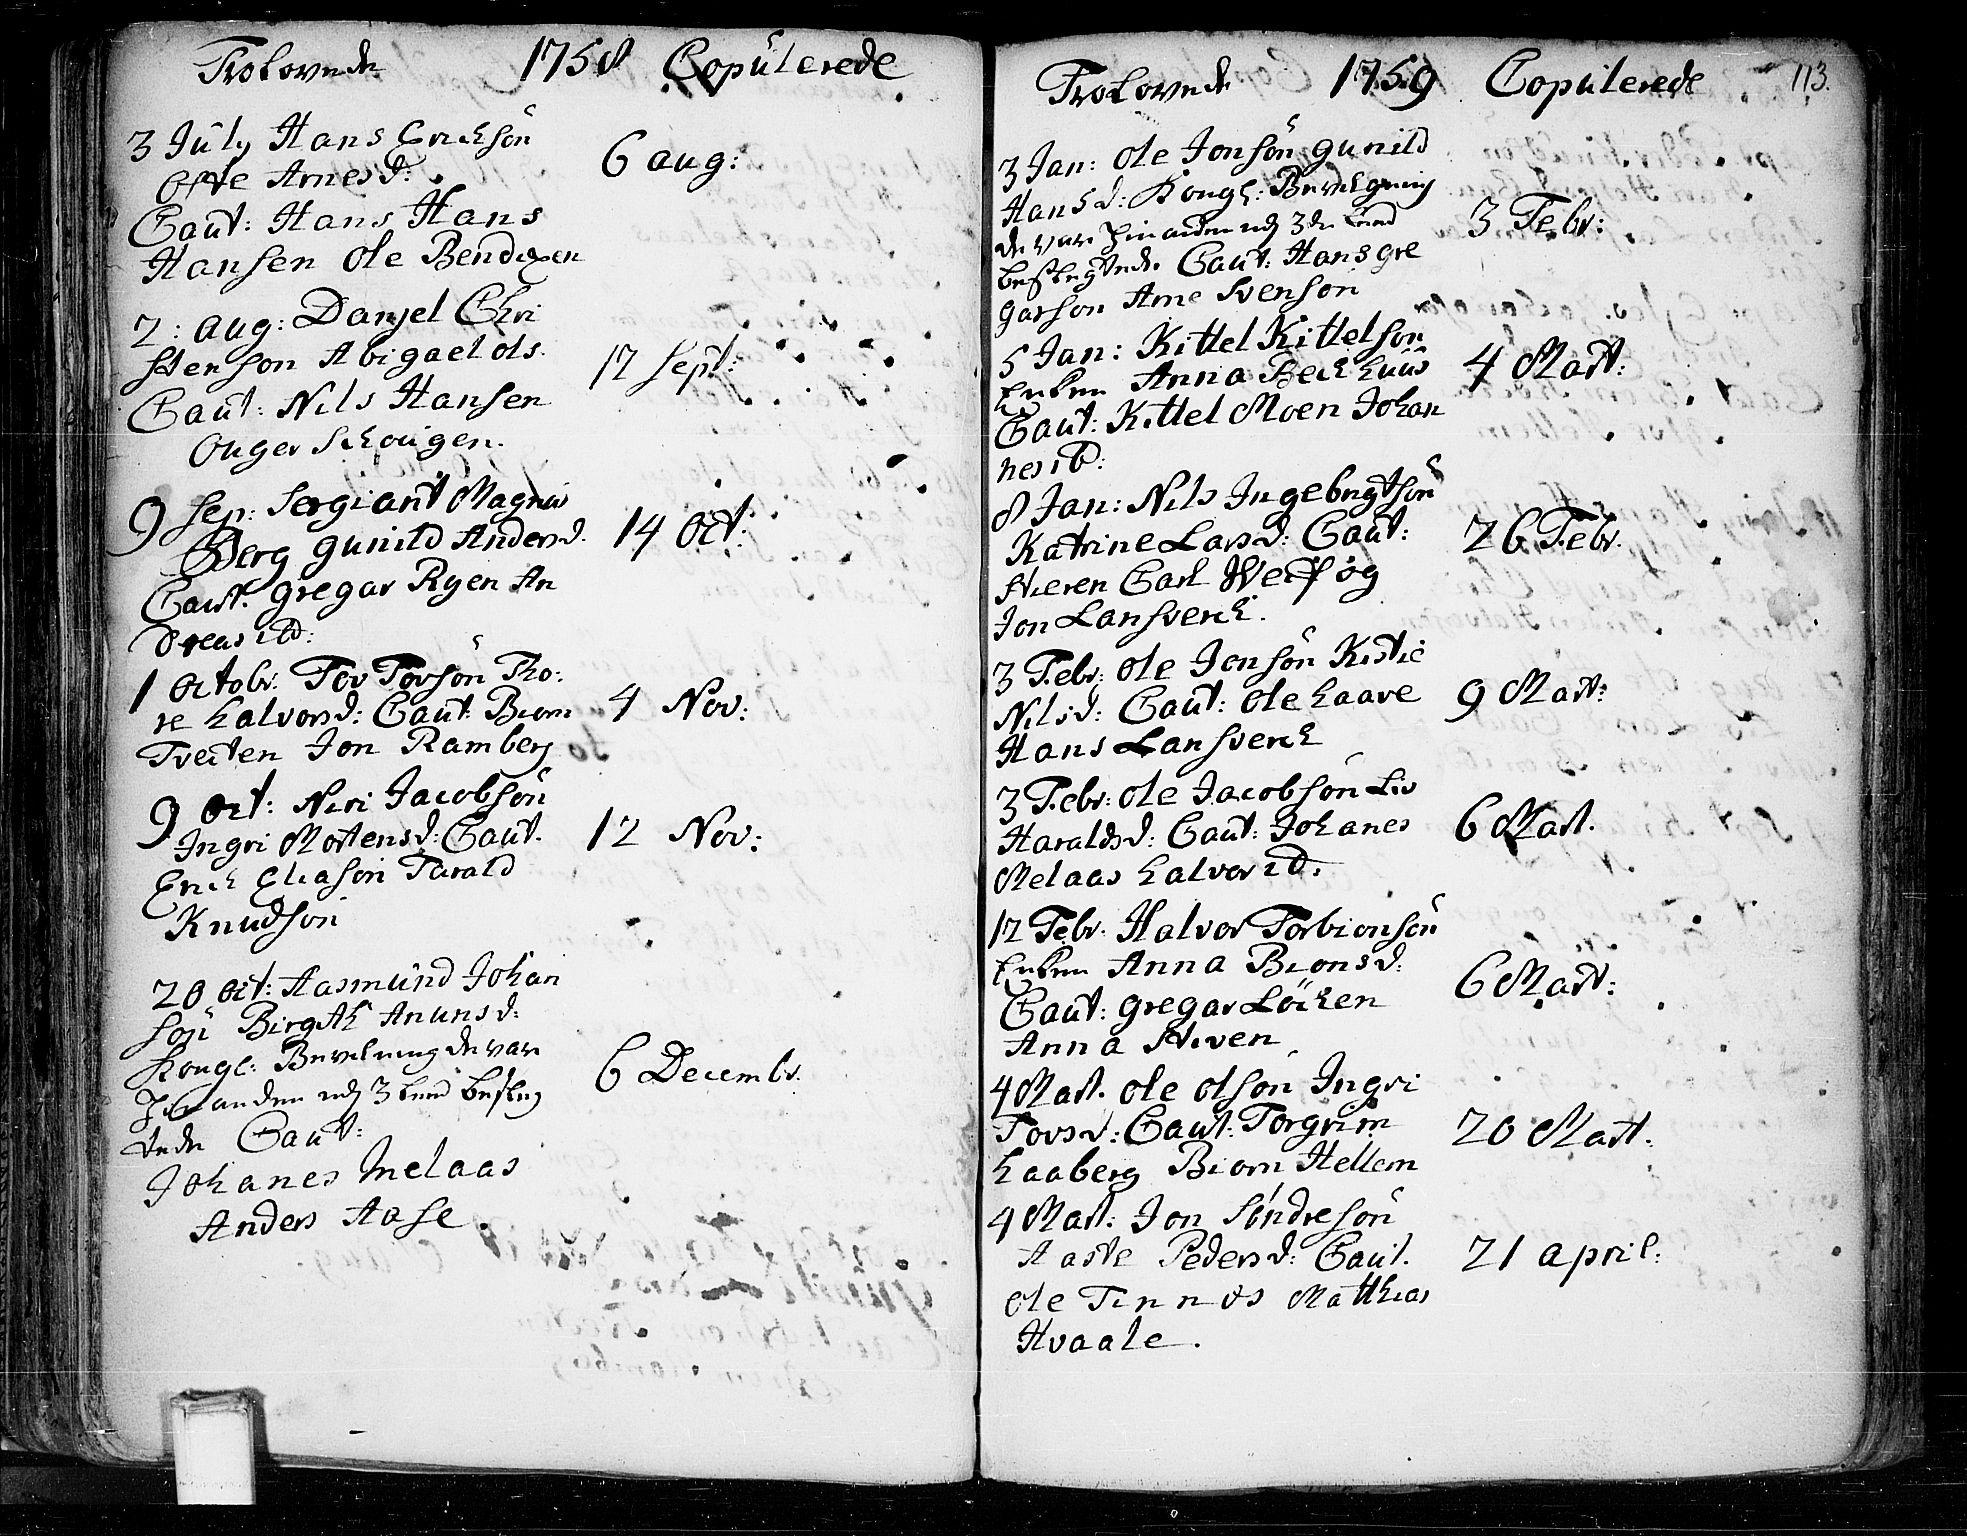 SAKO, Heddal kirkebøker, F/Fa/L0003: Ministerialbok nr. I 3, 1723-1783, s. 113